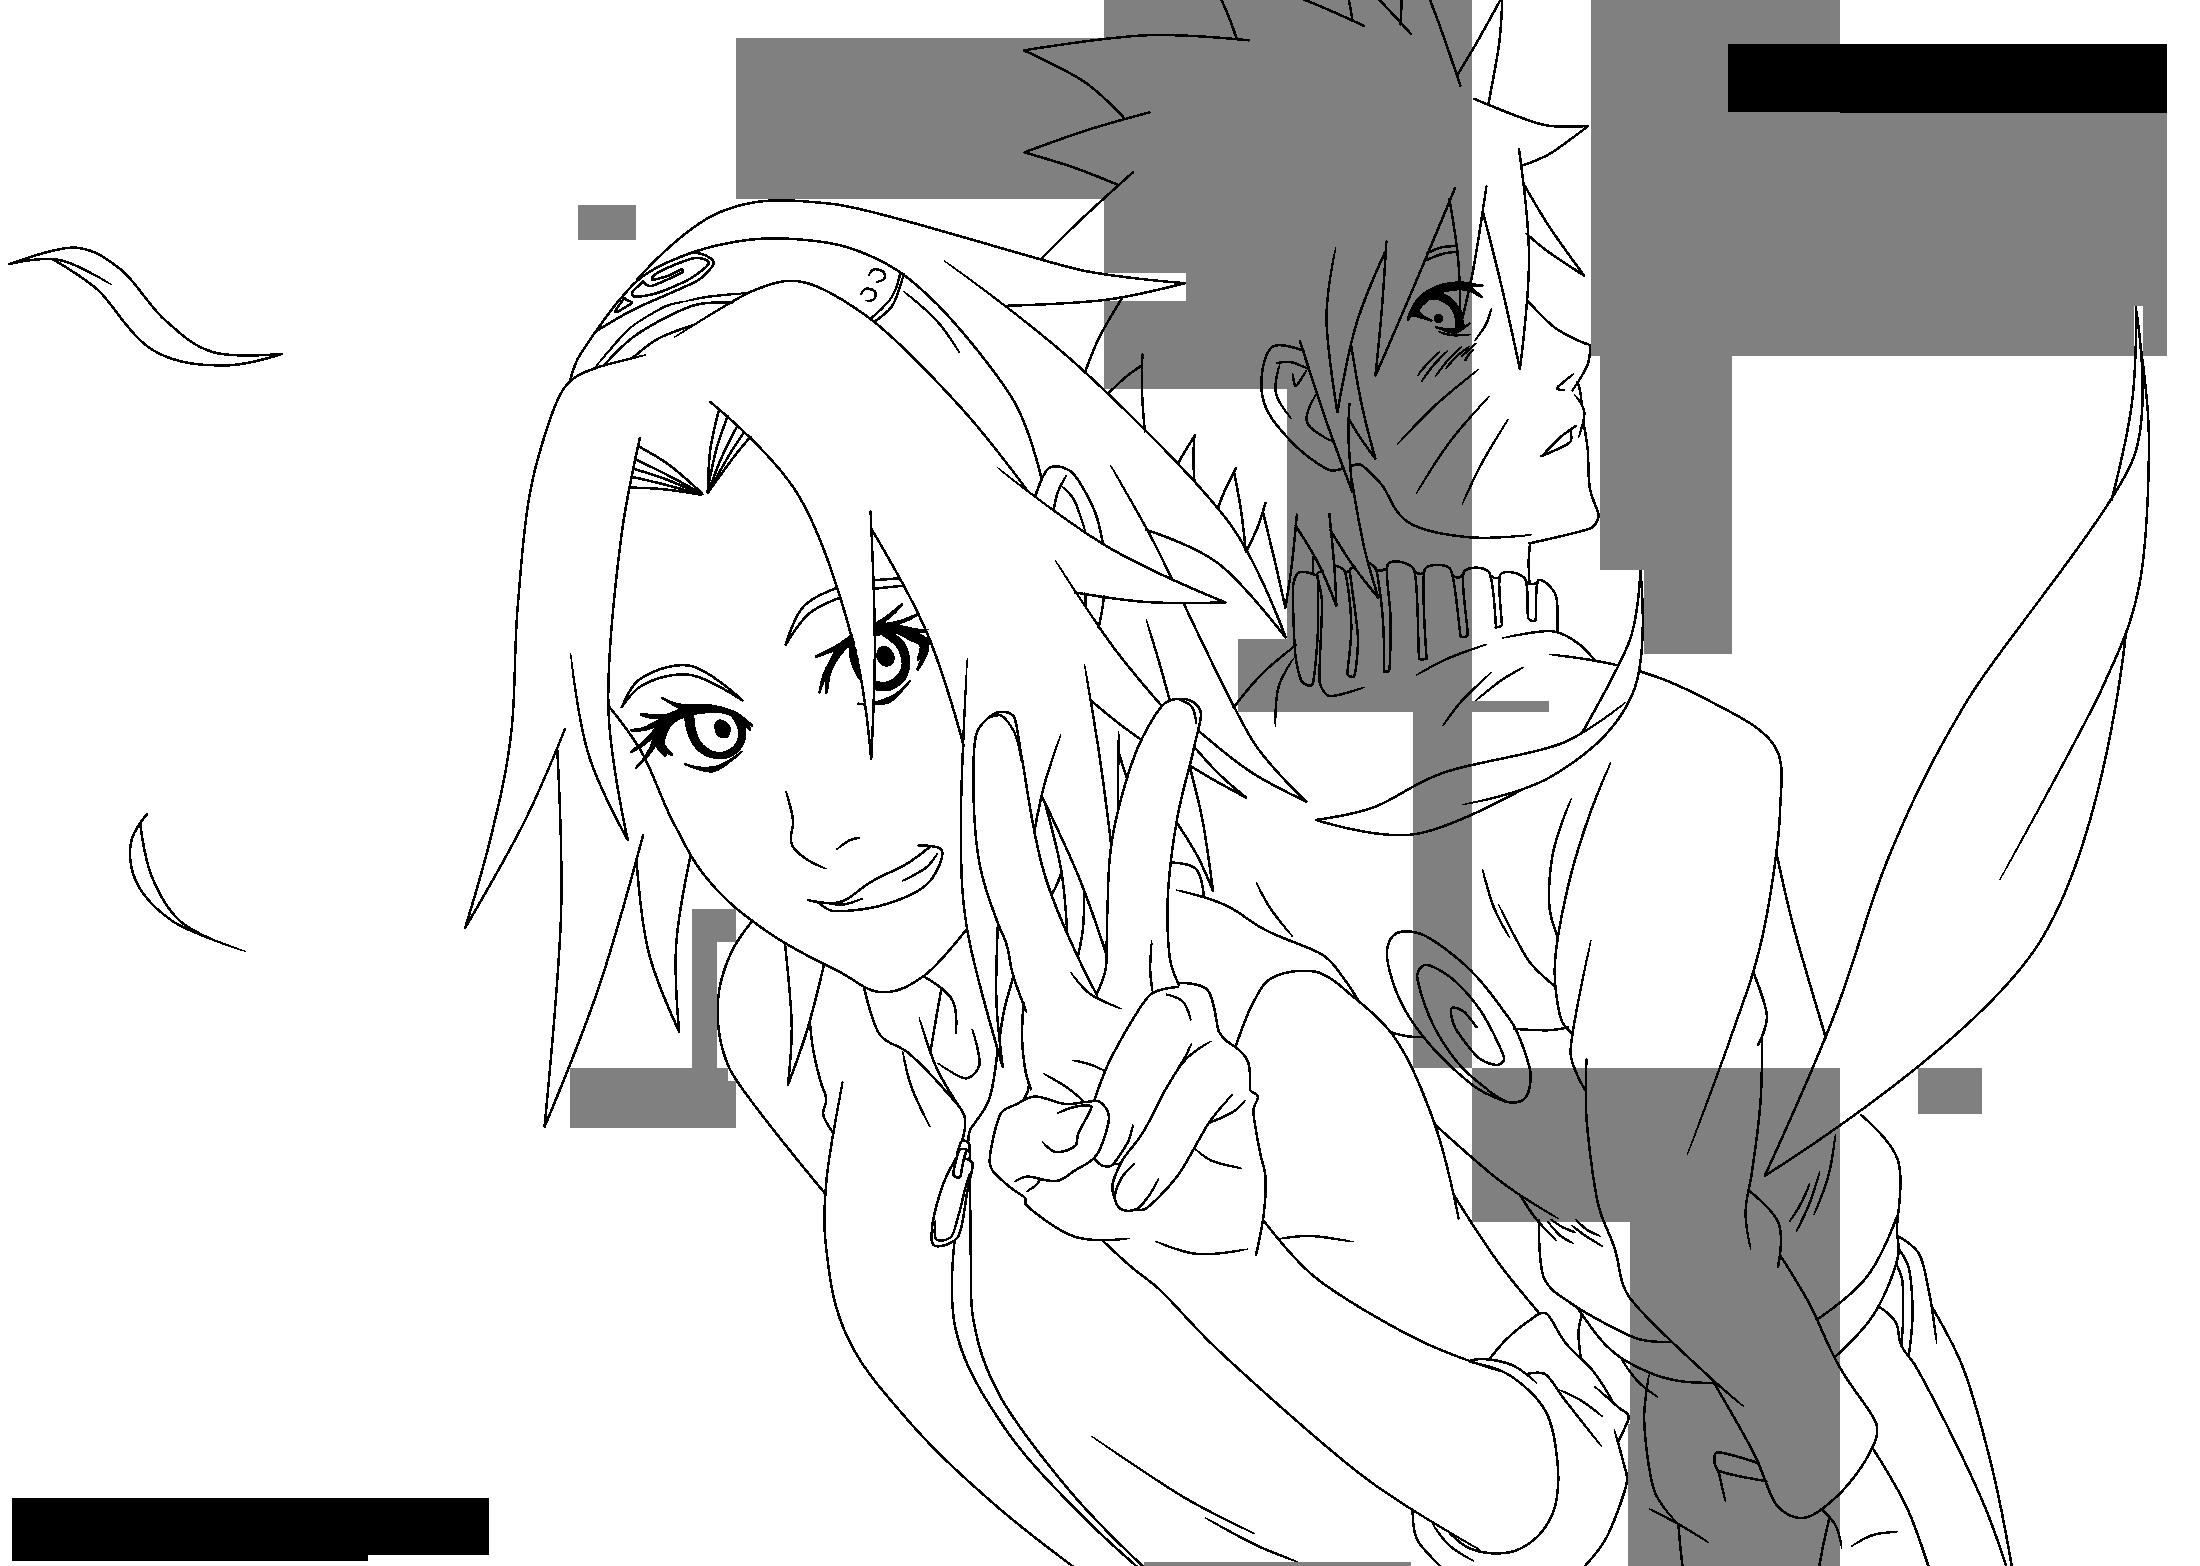 Sasuke and sakura coloring pages coloring pages -  Coloring Pages Sakura And Naruto Lineart By Narutoan98 On Deviantart Sakura_and_naruto_lineart_by_narutoan98